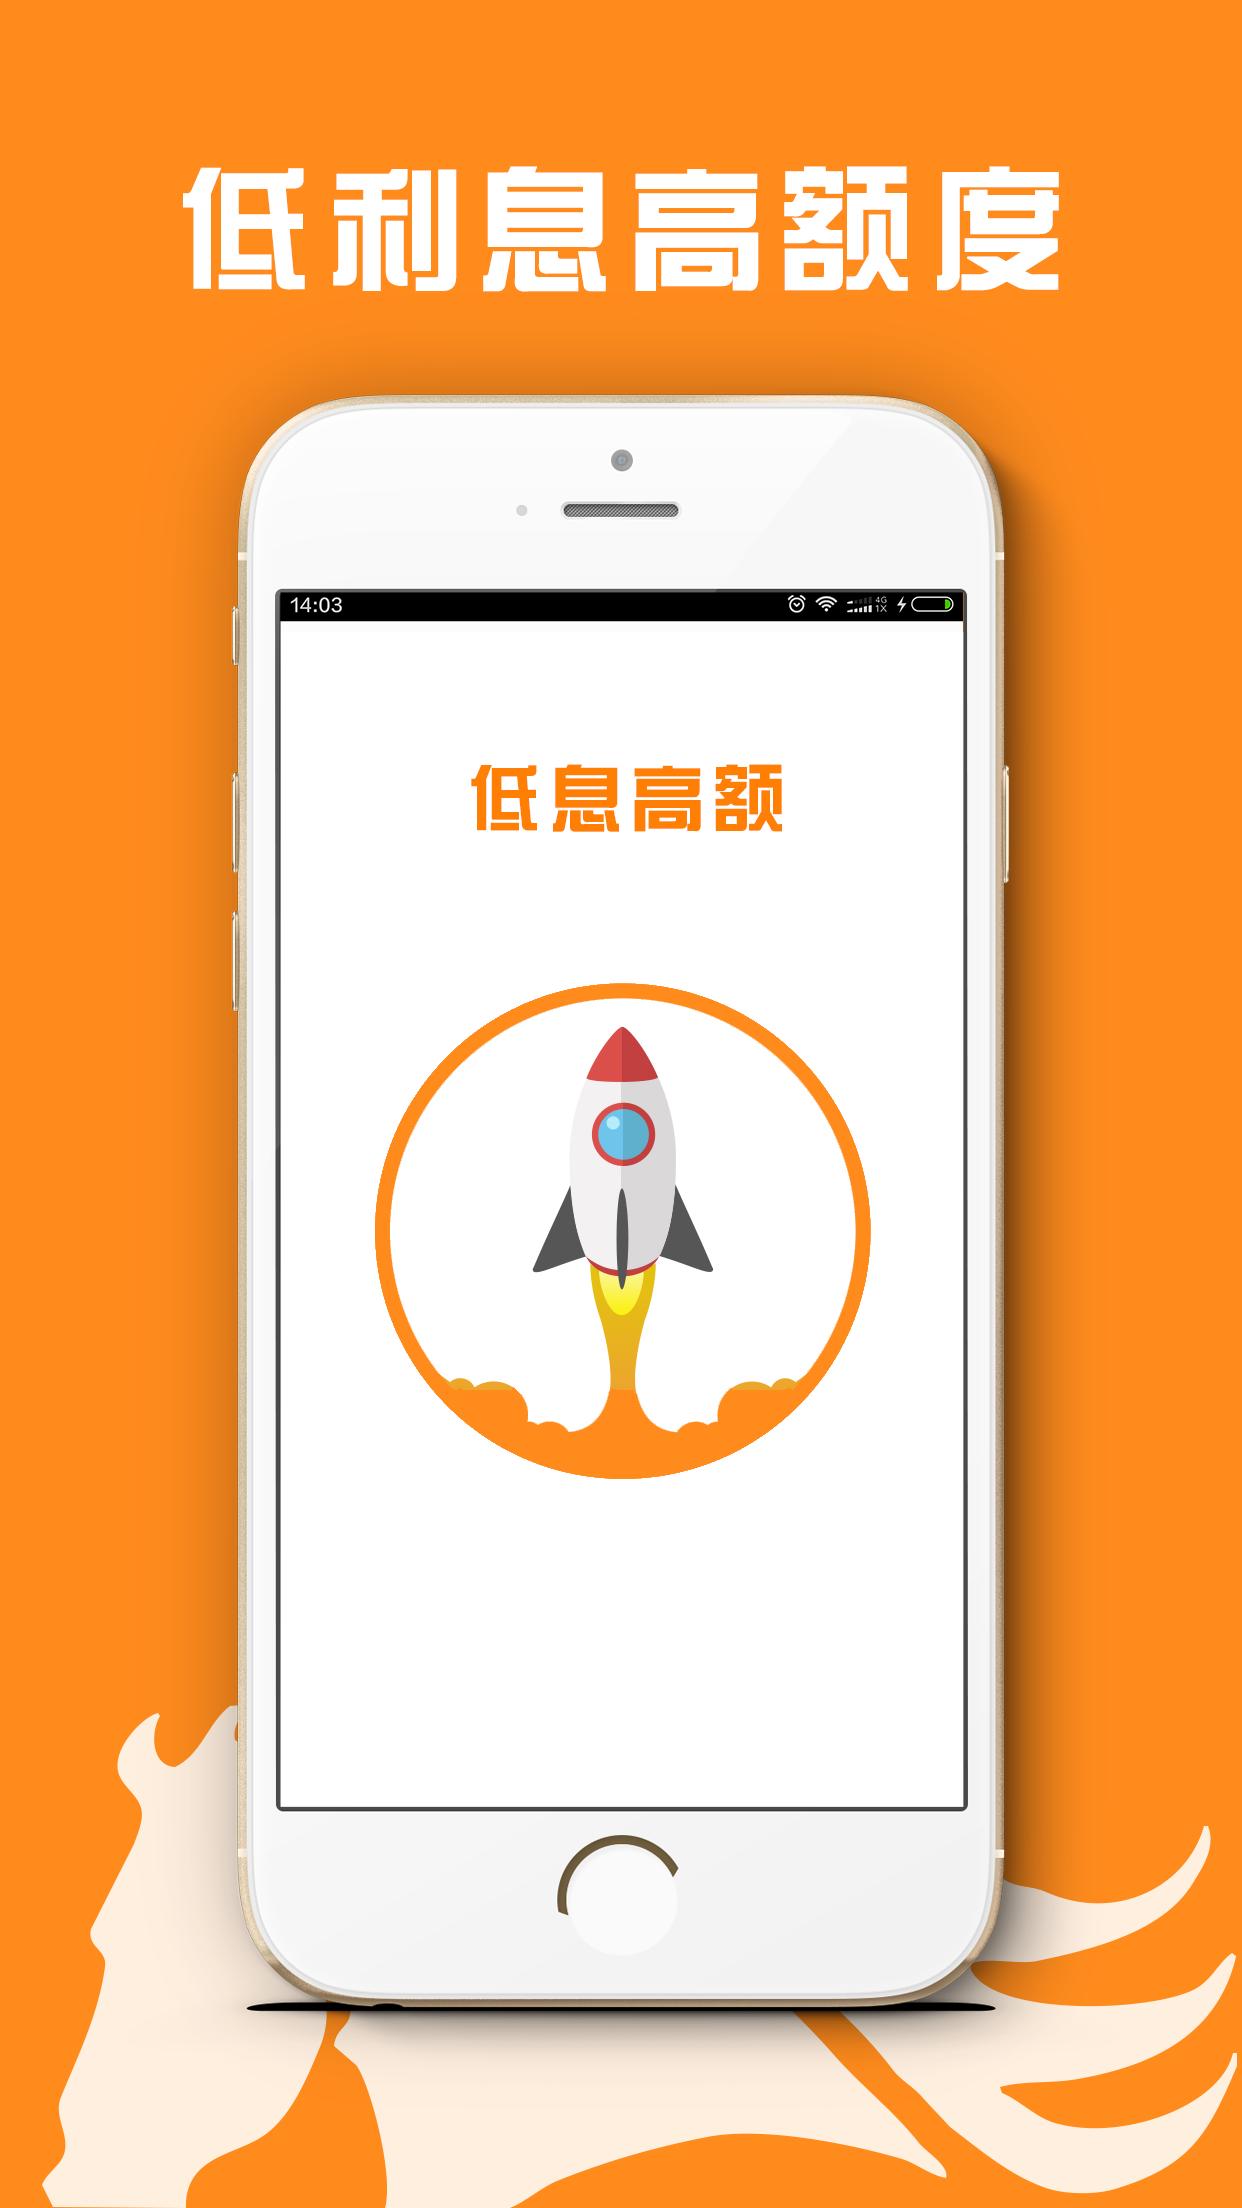 提额宝贷款app软件手机版下载图片1